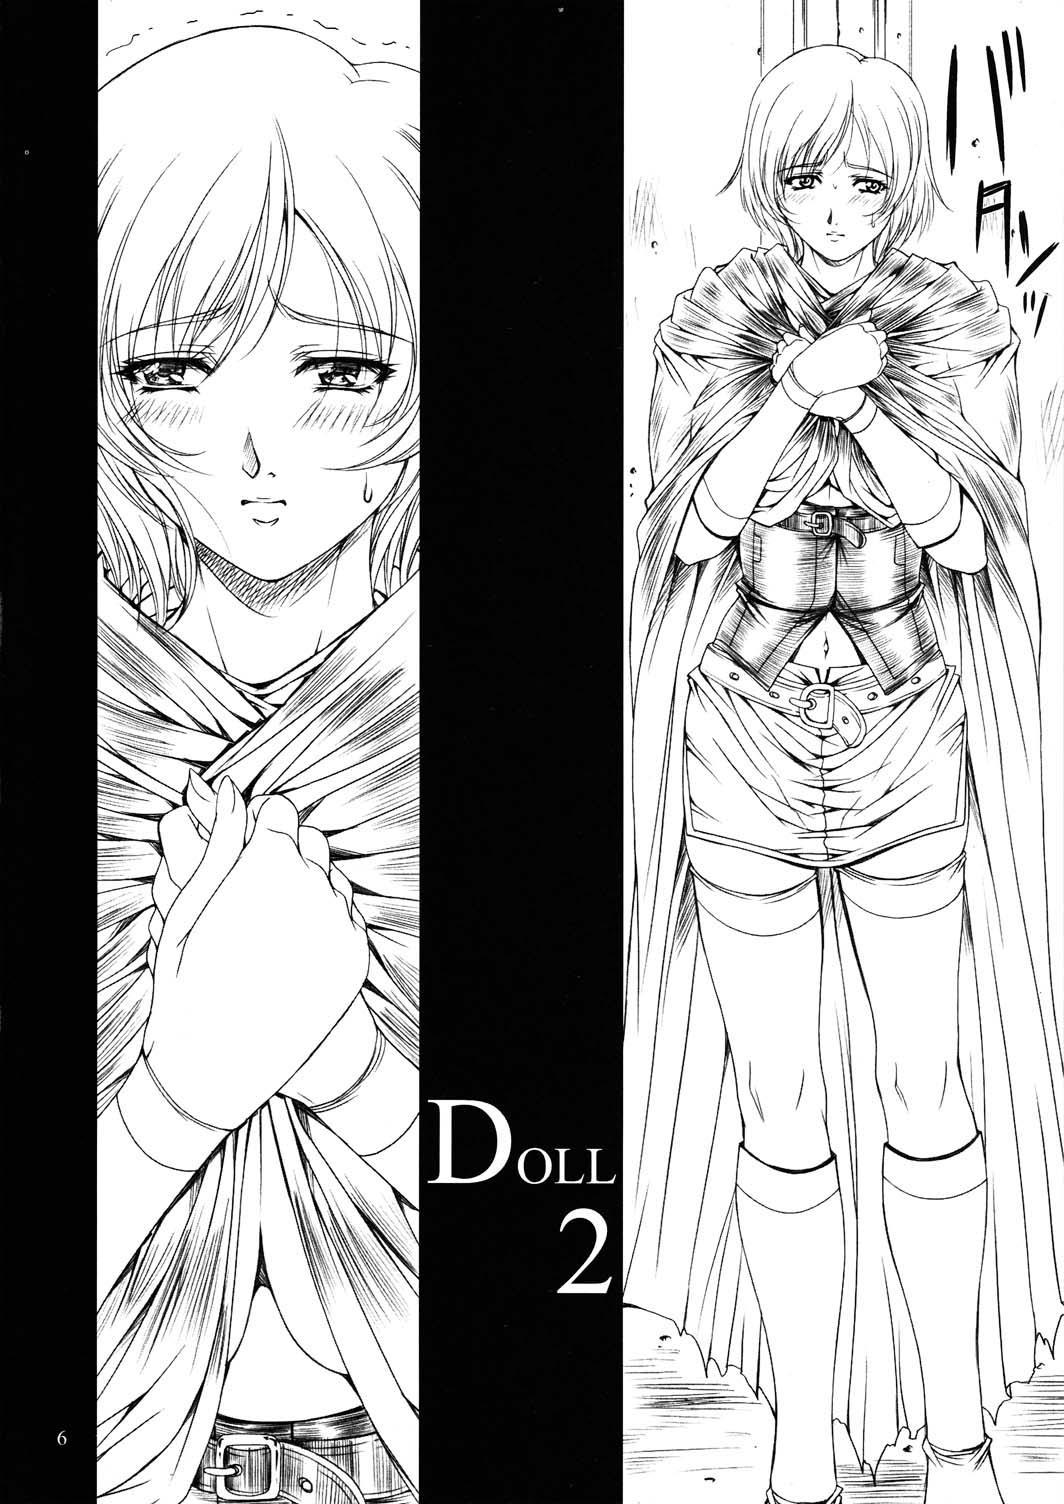 Doll 2 5